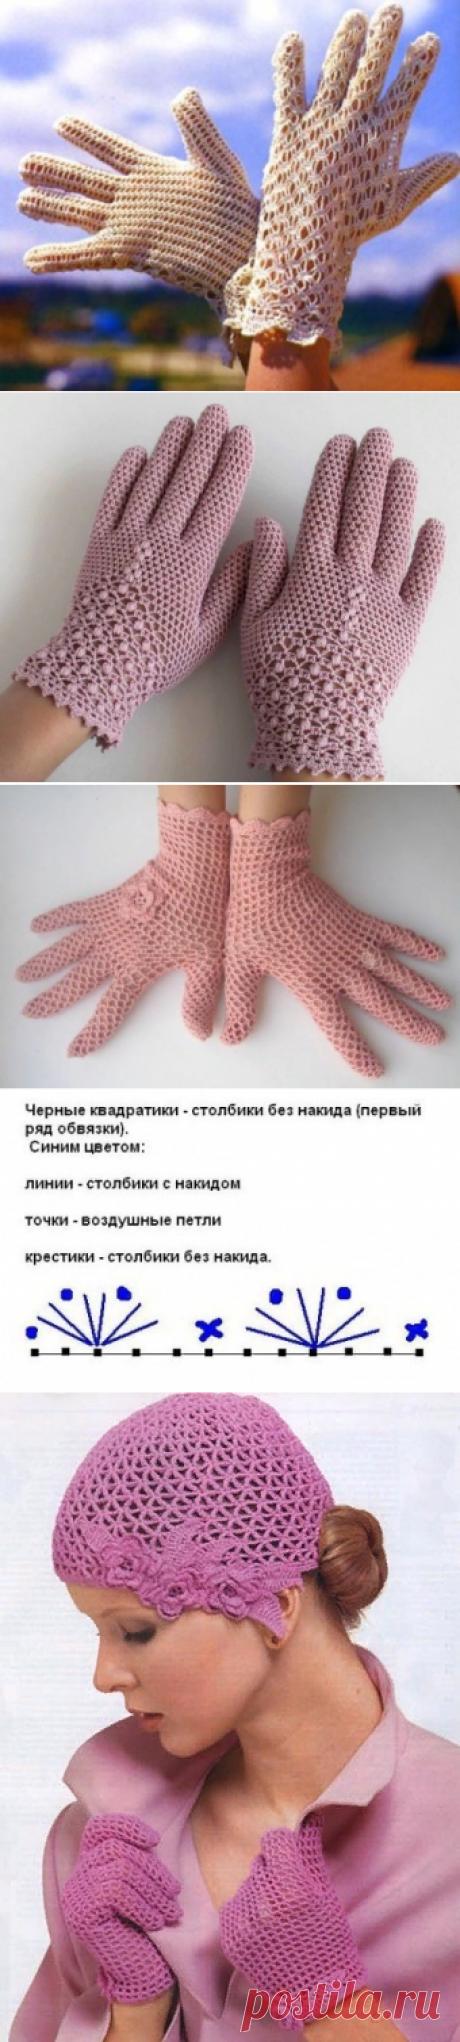 Элегантность в образе. Кружевные летние перчатки Крючком + схемы | Что умею, тем делюсь! | Яндекс Дзен